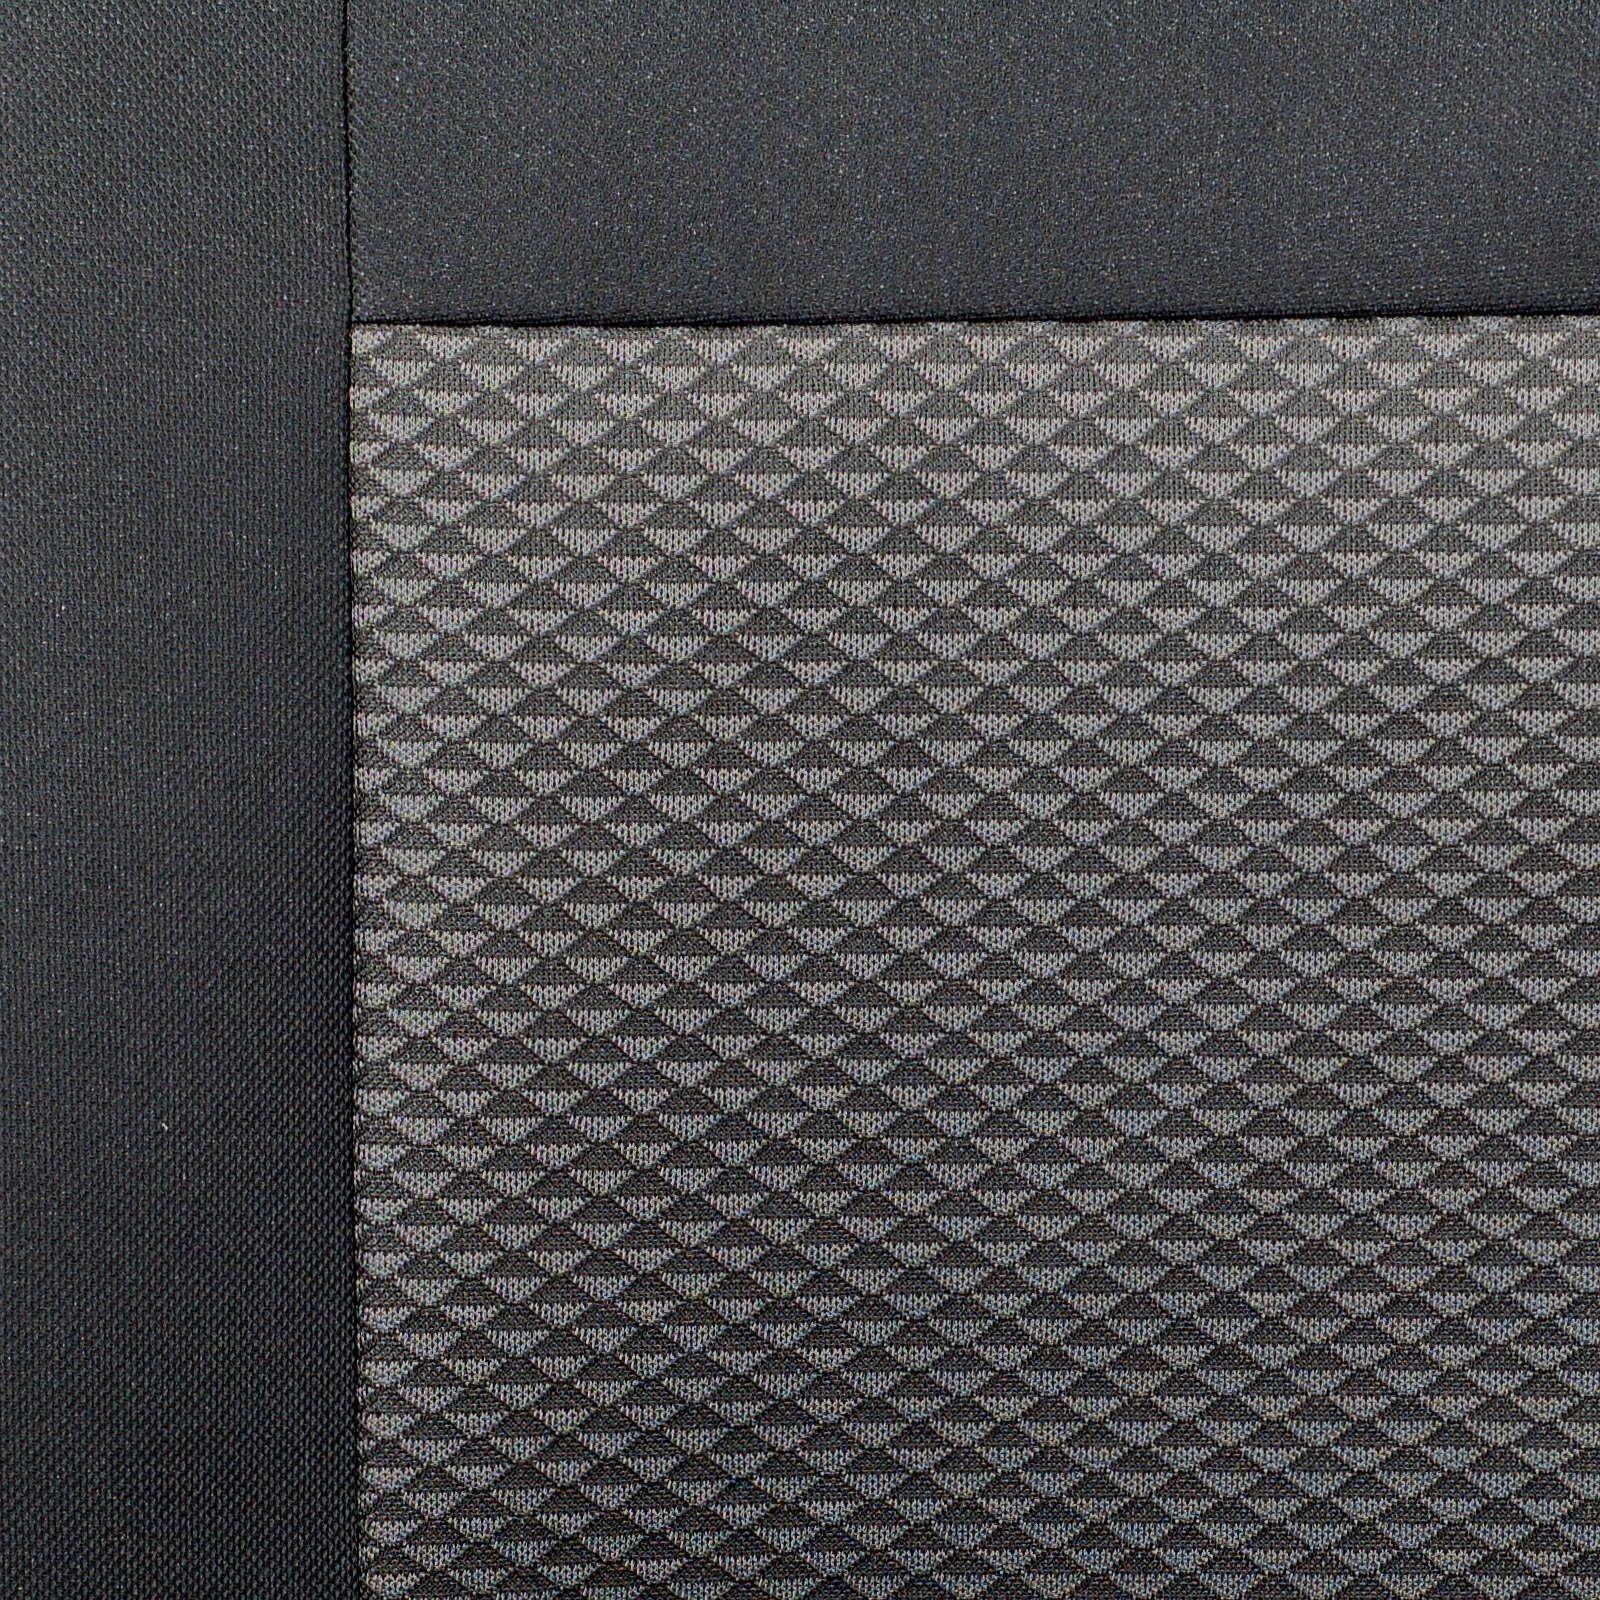 Zakschneider Fundas De Asiento para CX5 Funda Delantera Sill/ón del Conductor Color Premium Negro Gris Efecto 3D